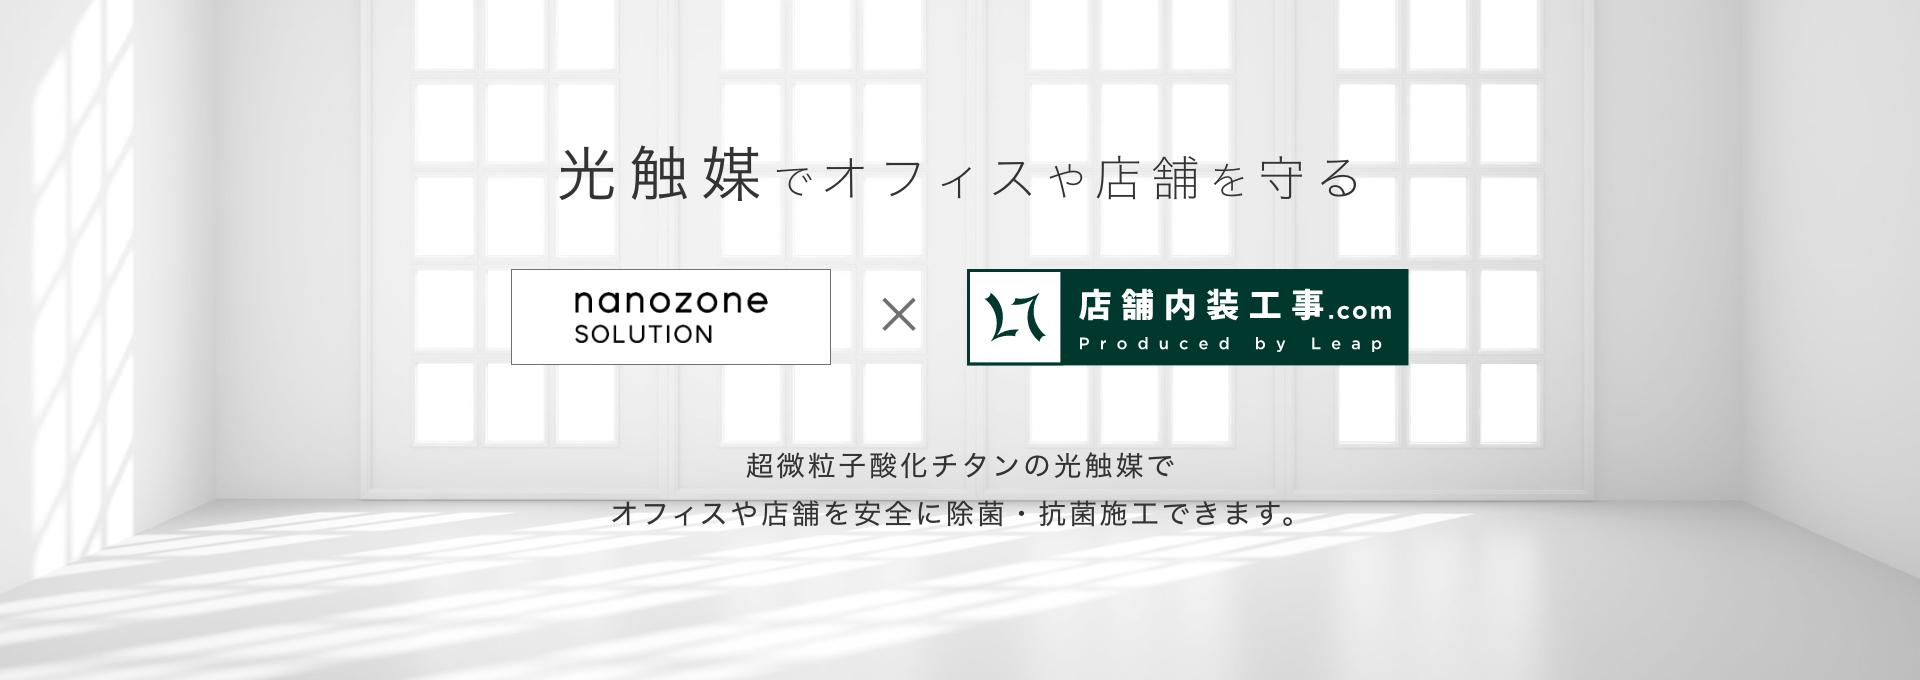 株式会社Leapが取り扱う「nanozone SOLUTION」のイメージ